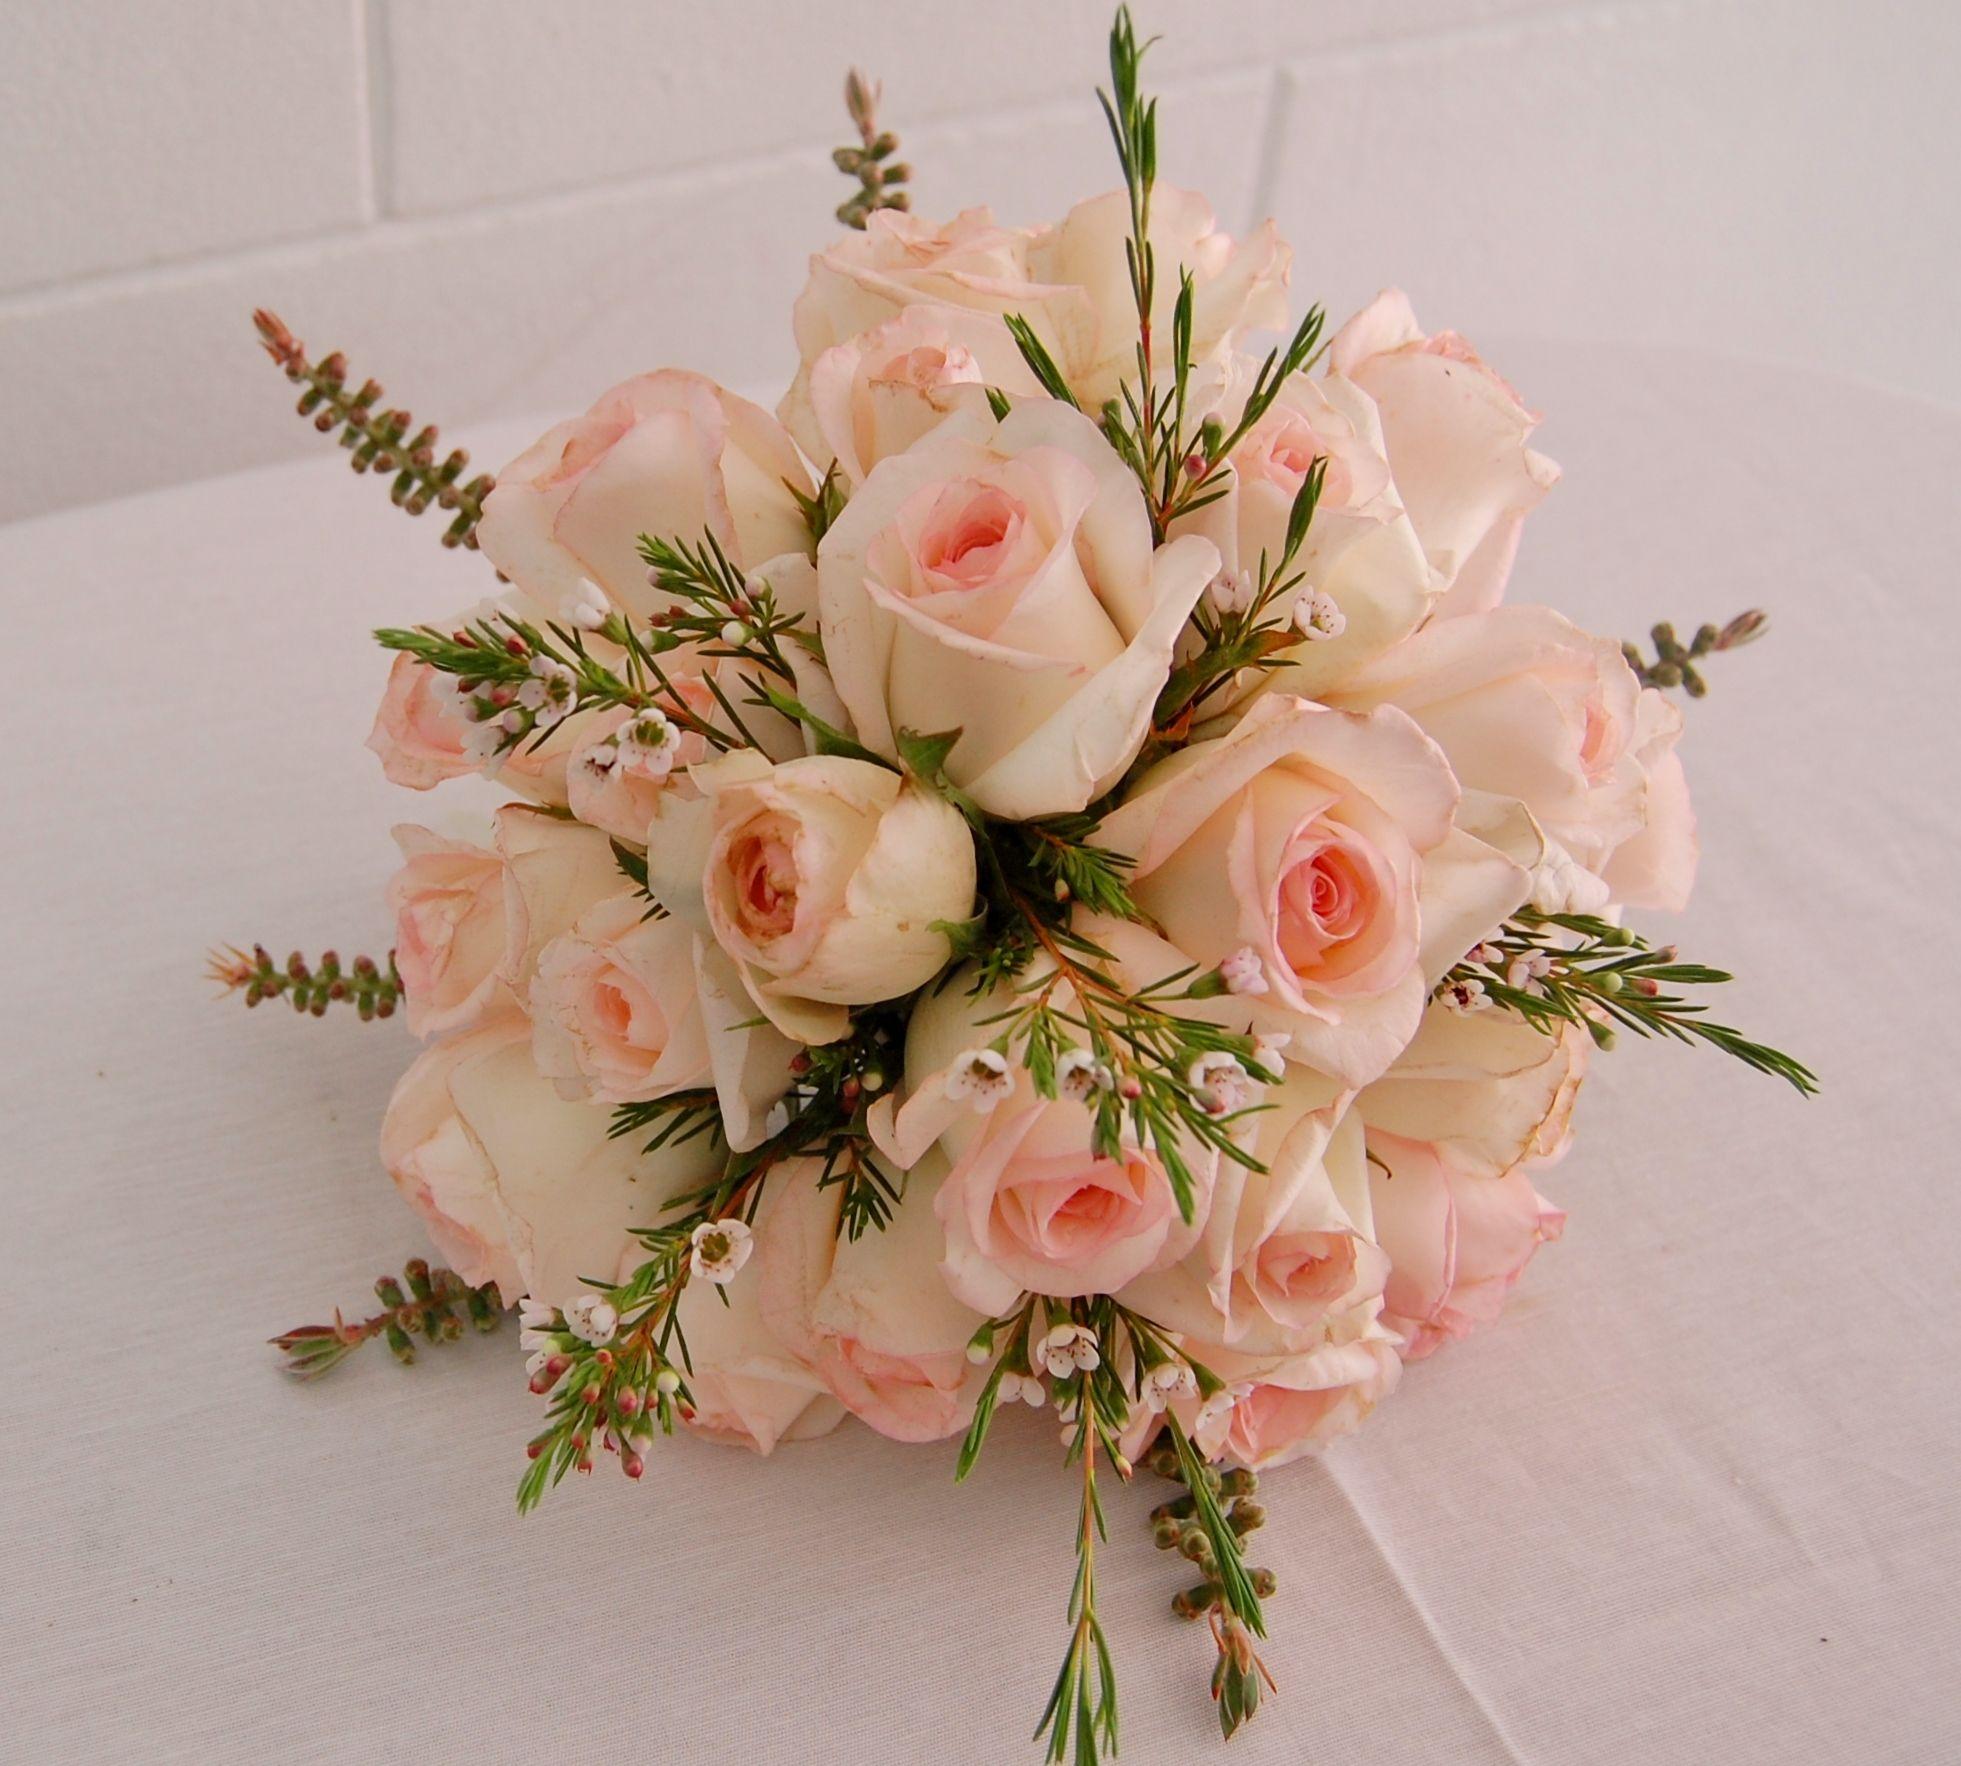 Arreglos florales para bodas aniversarios cumplea os for Arreglos florales para boda en jardin